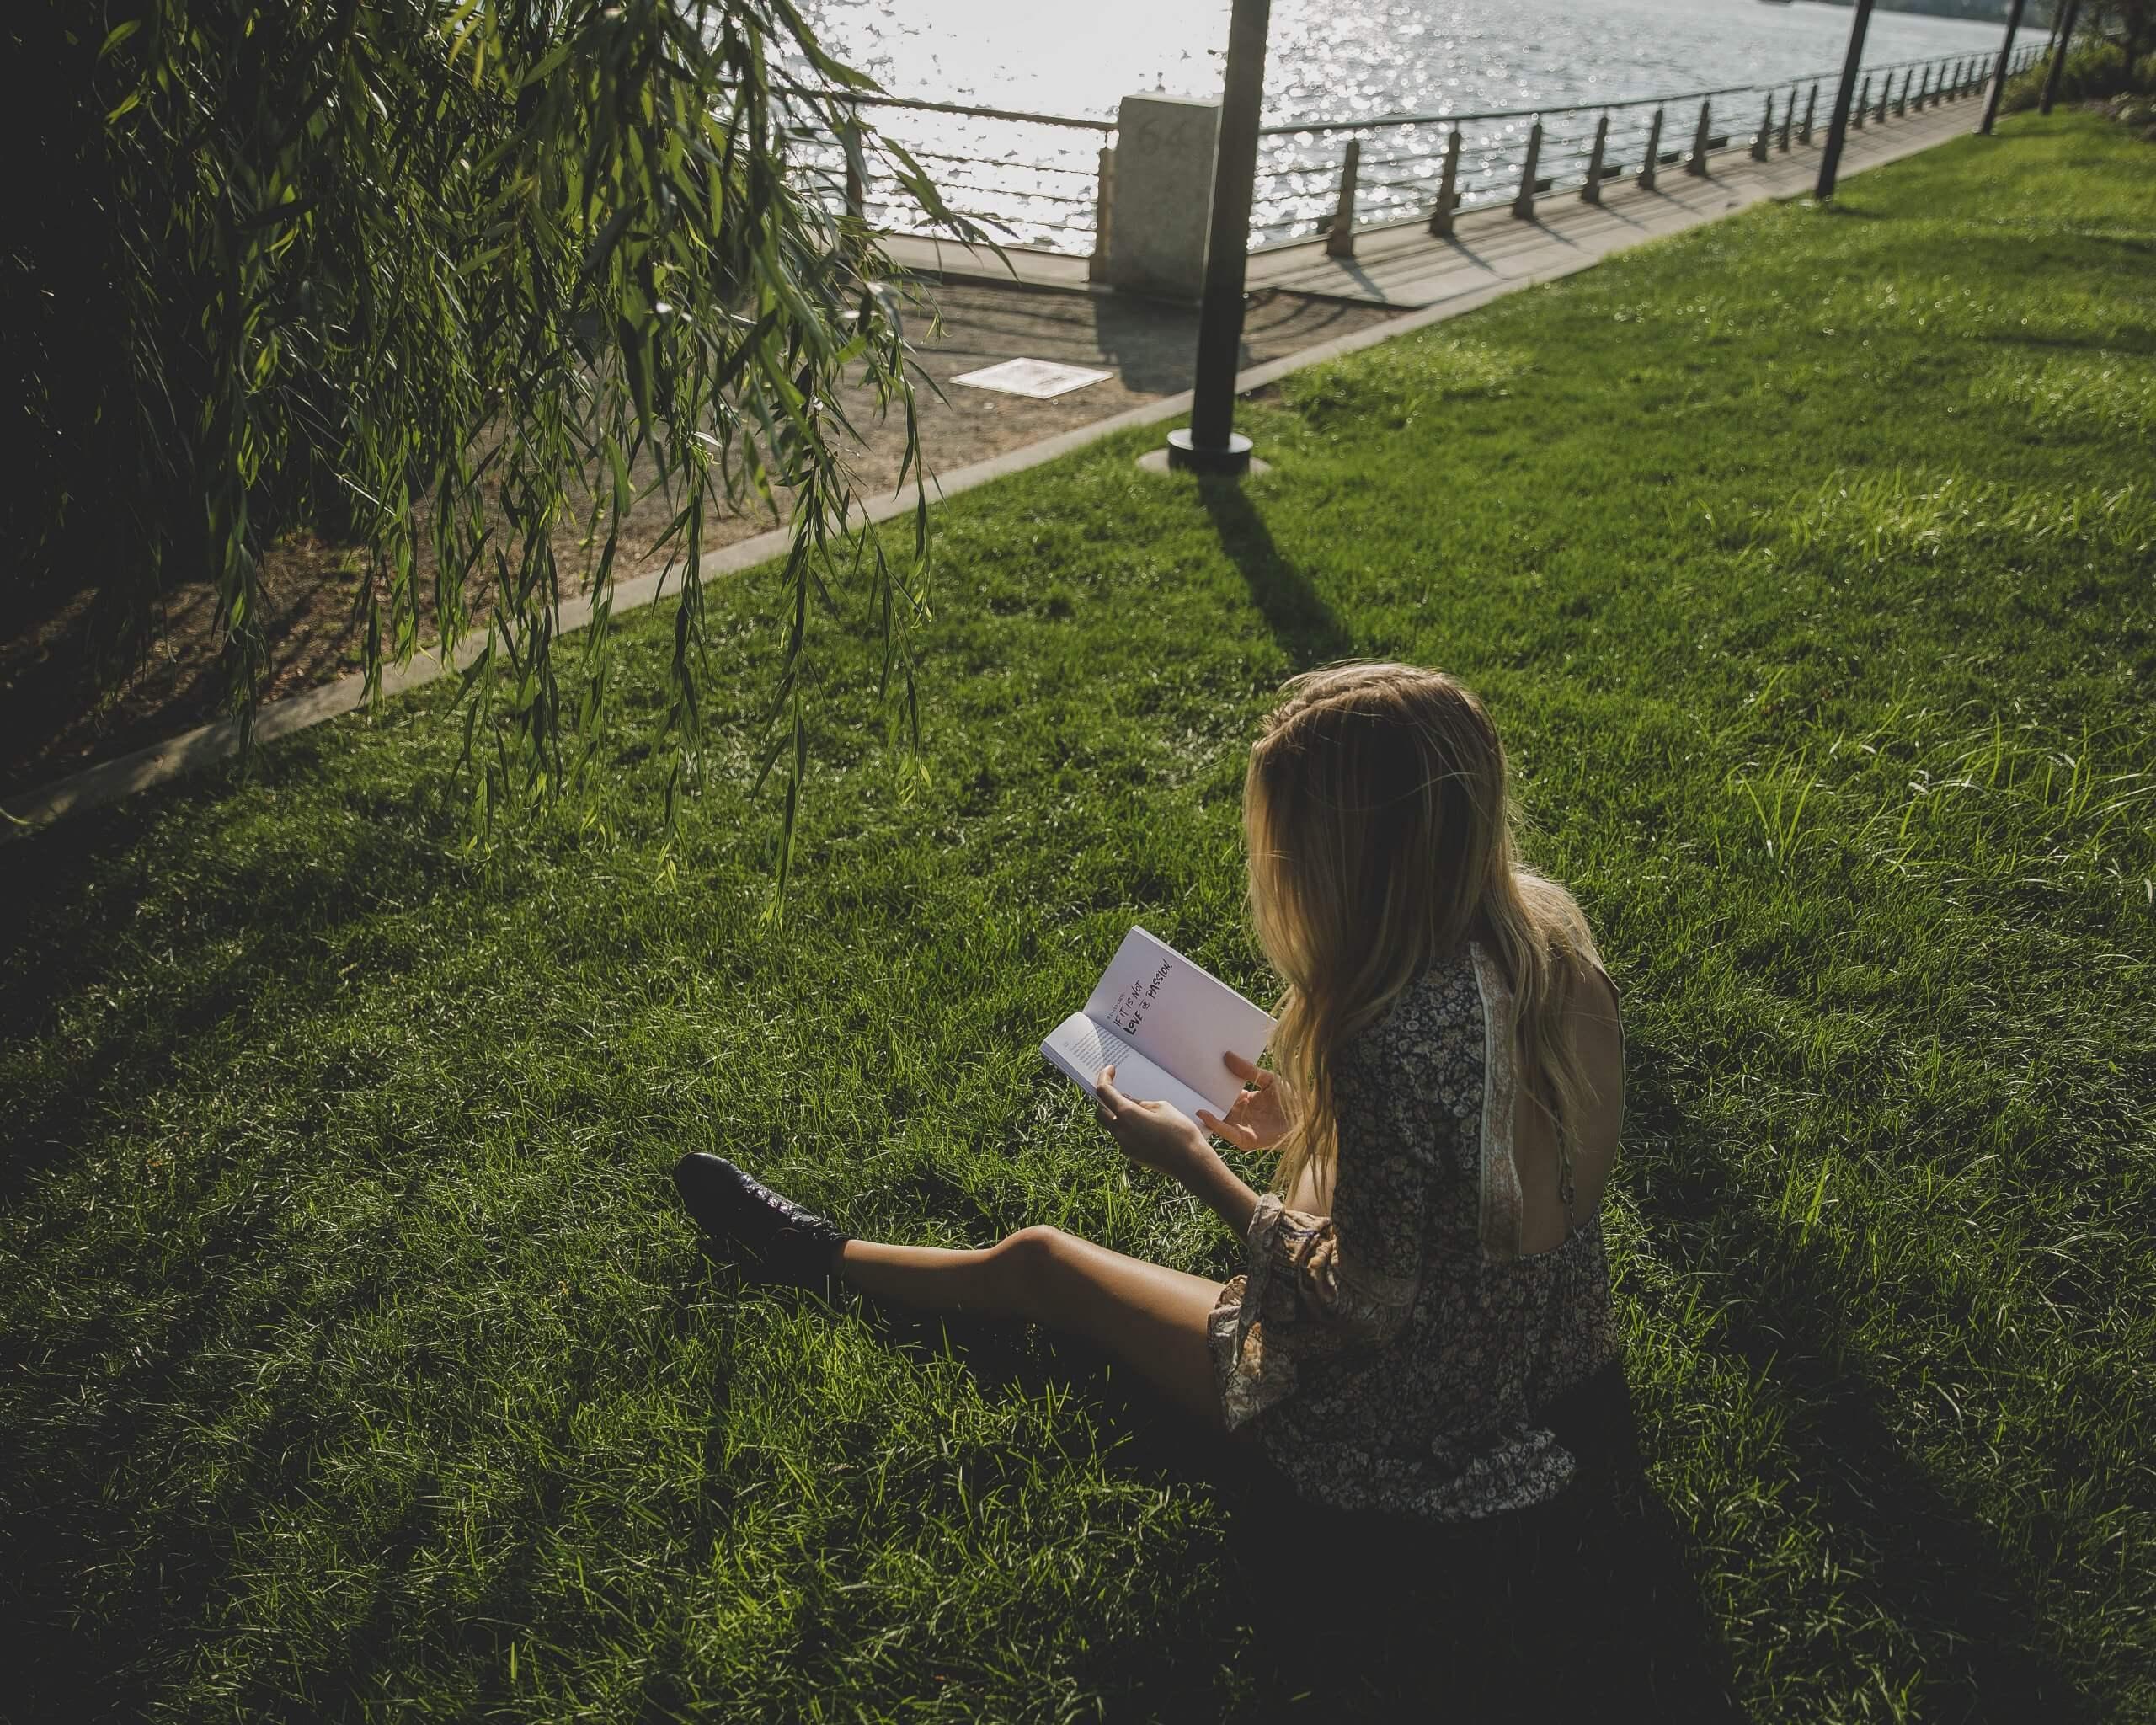 rapariga a ler um livro sentada num relvado junto à agua